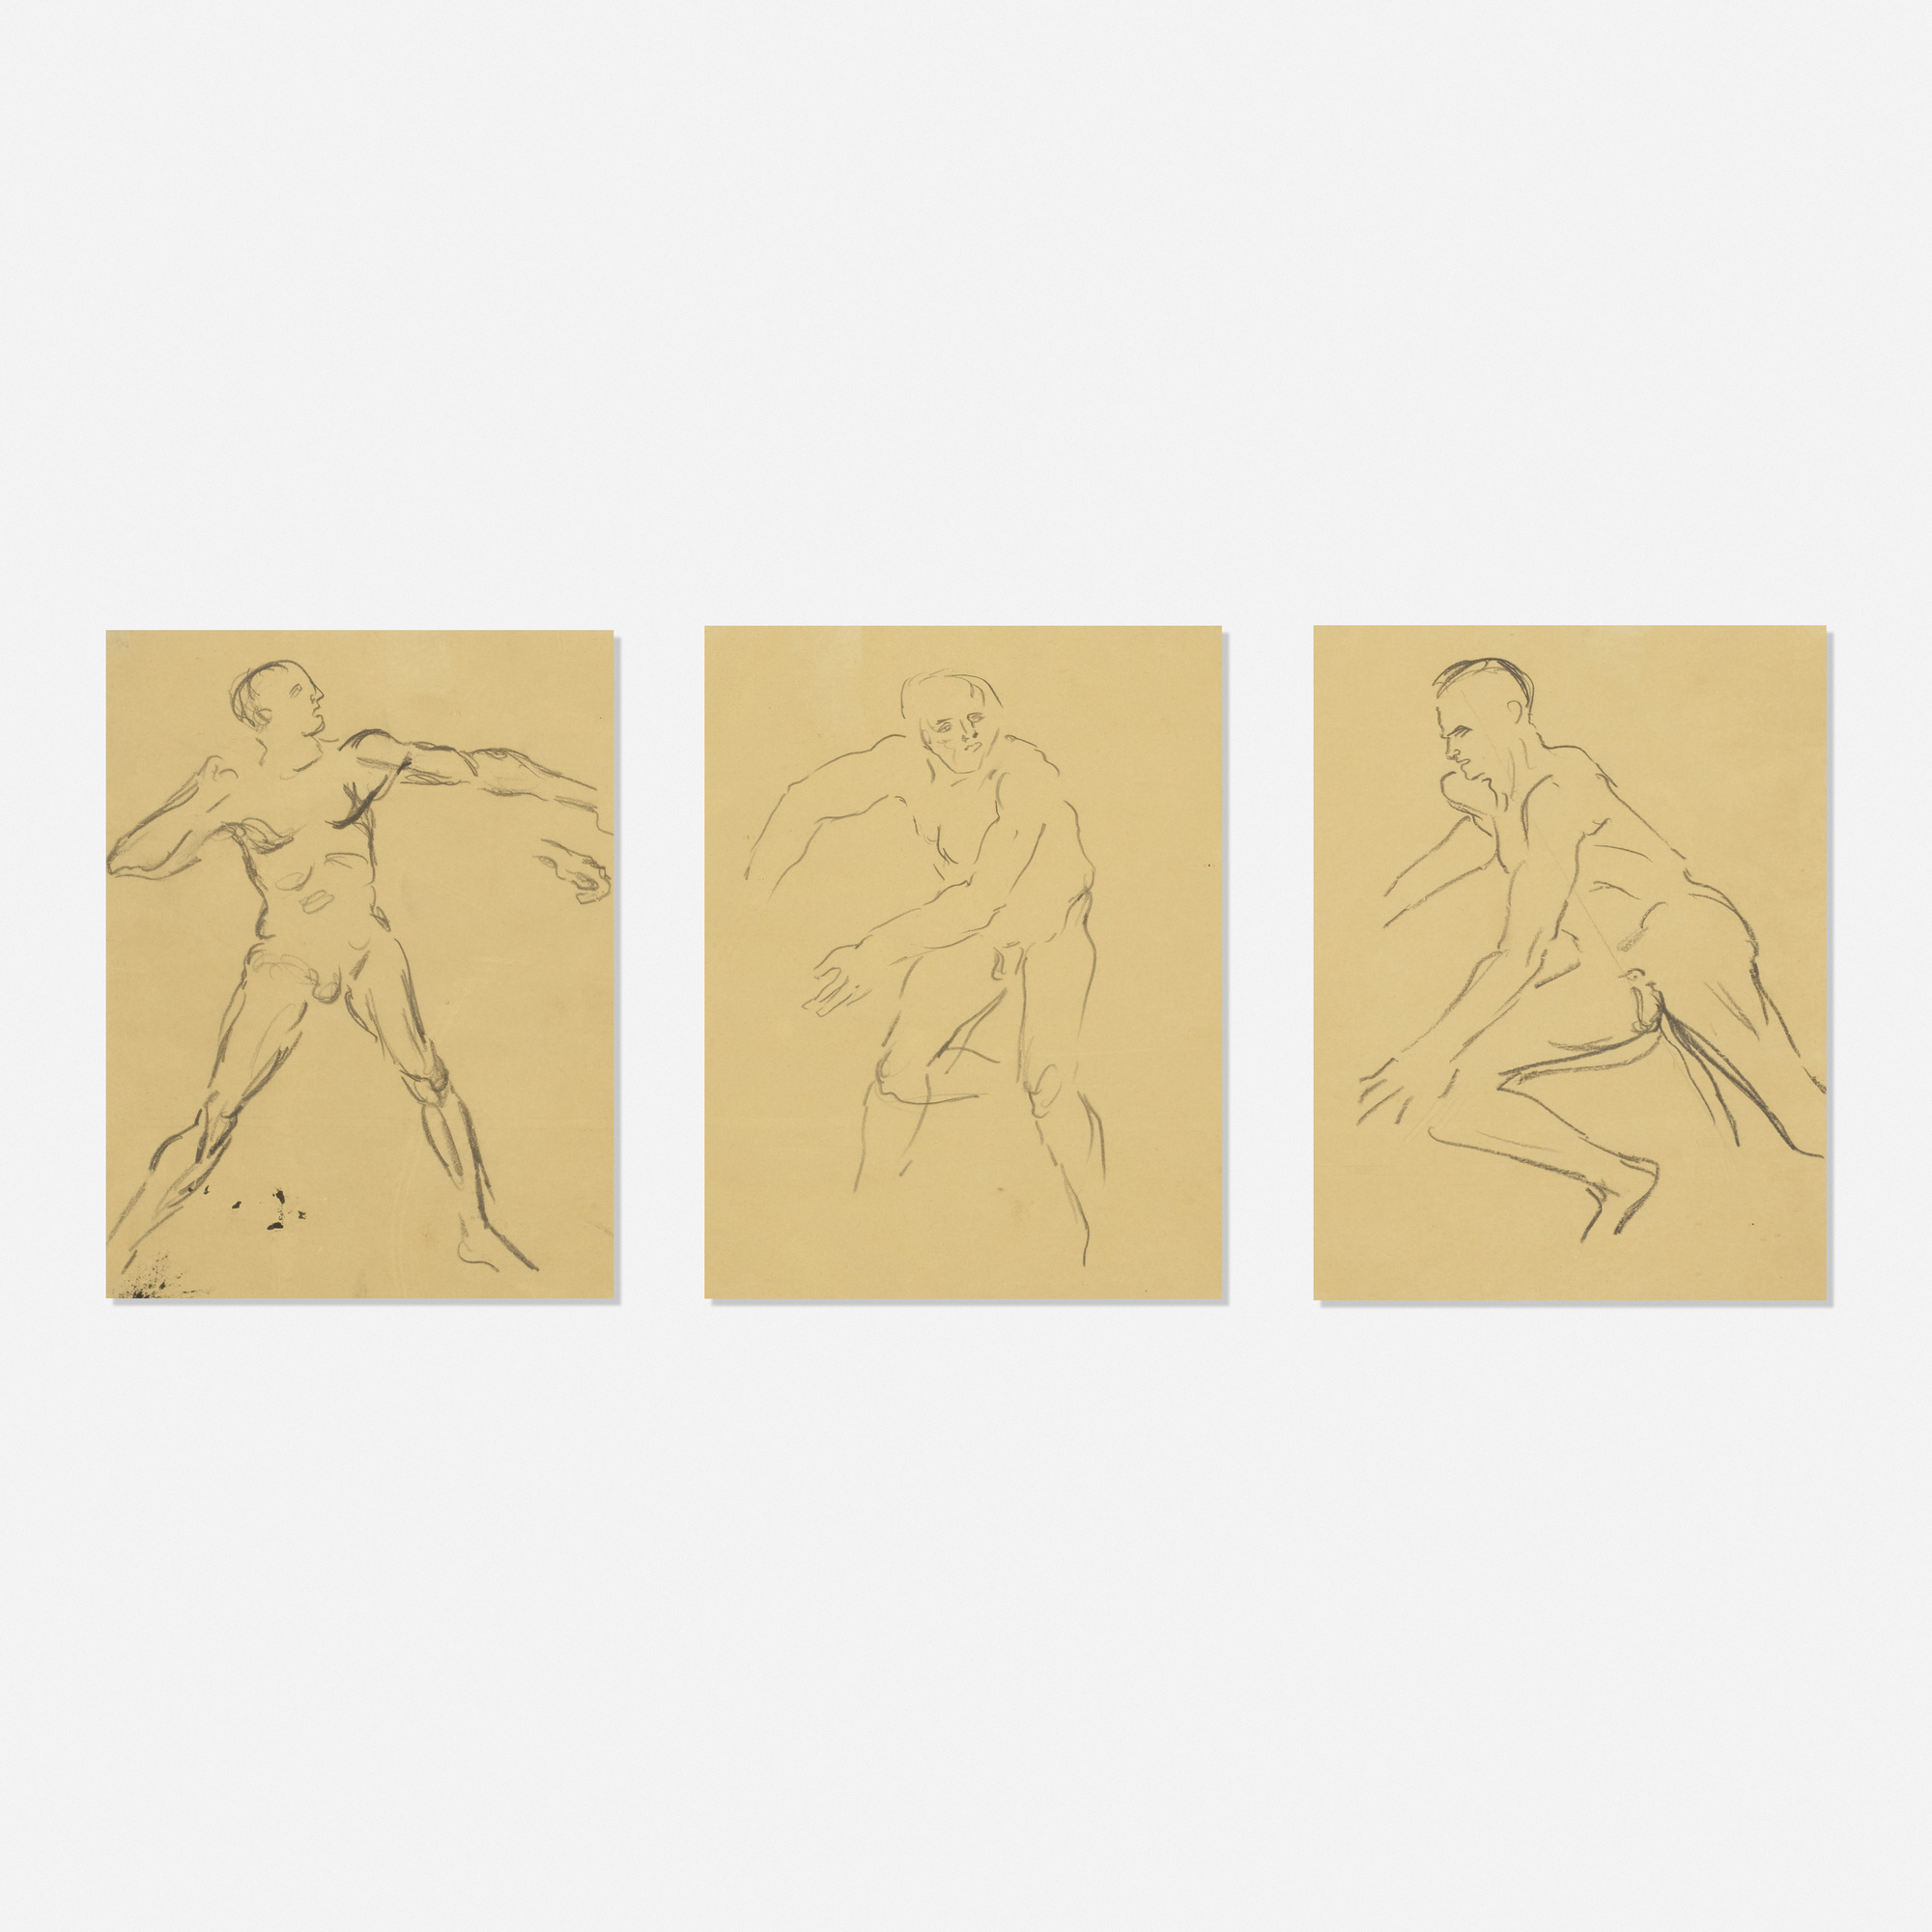 256: Leon Golub / Untitled (three works) (1 of 1)